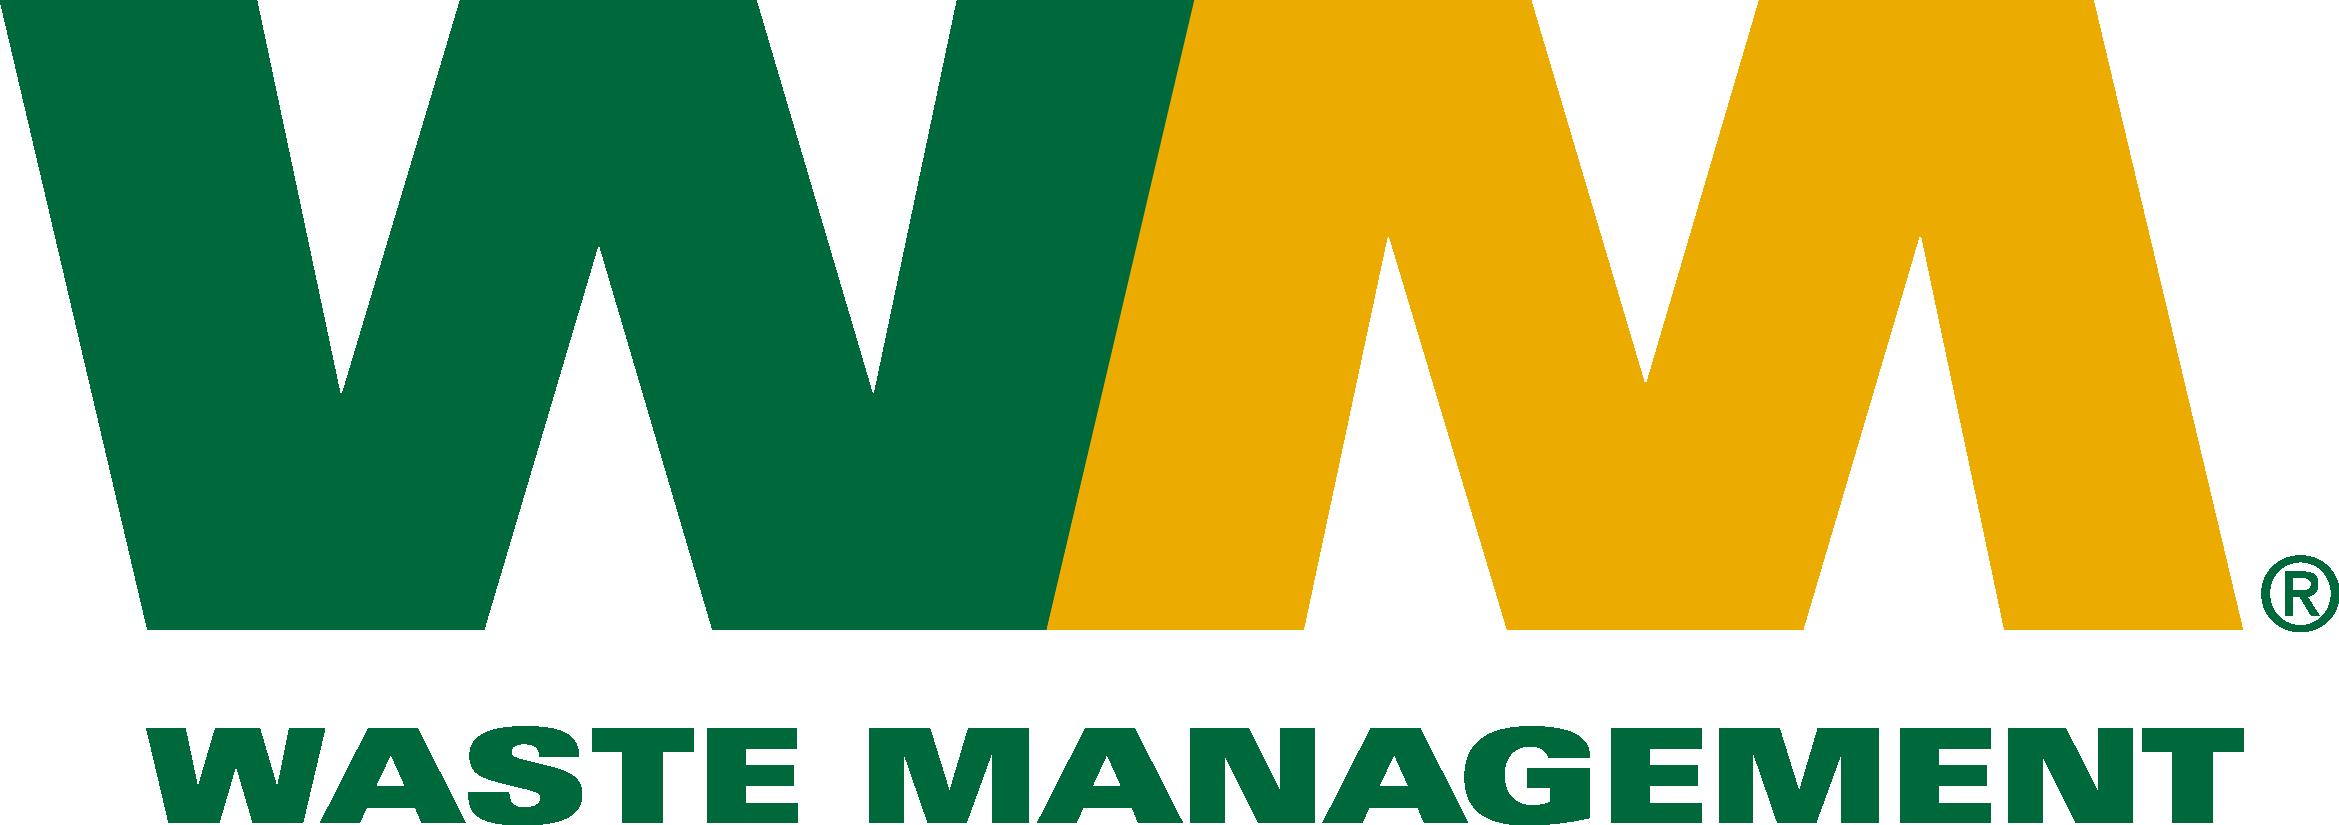 waste_management